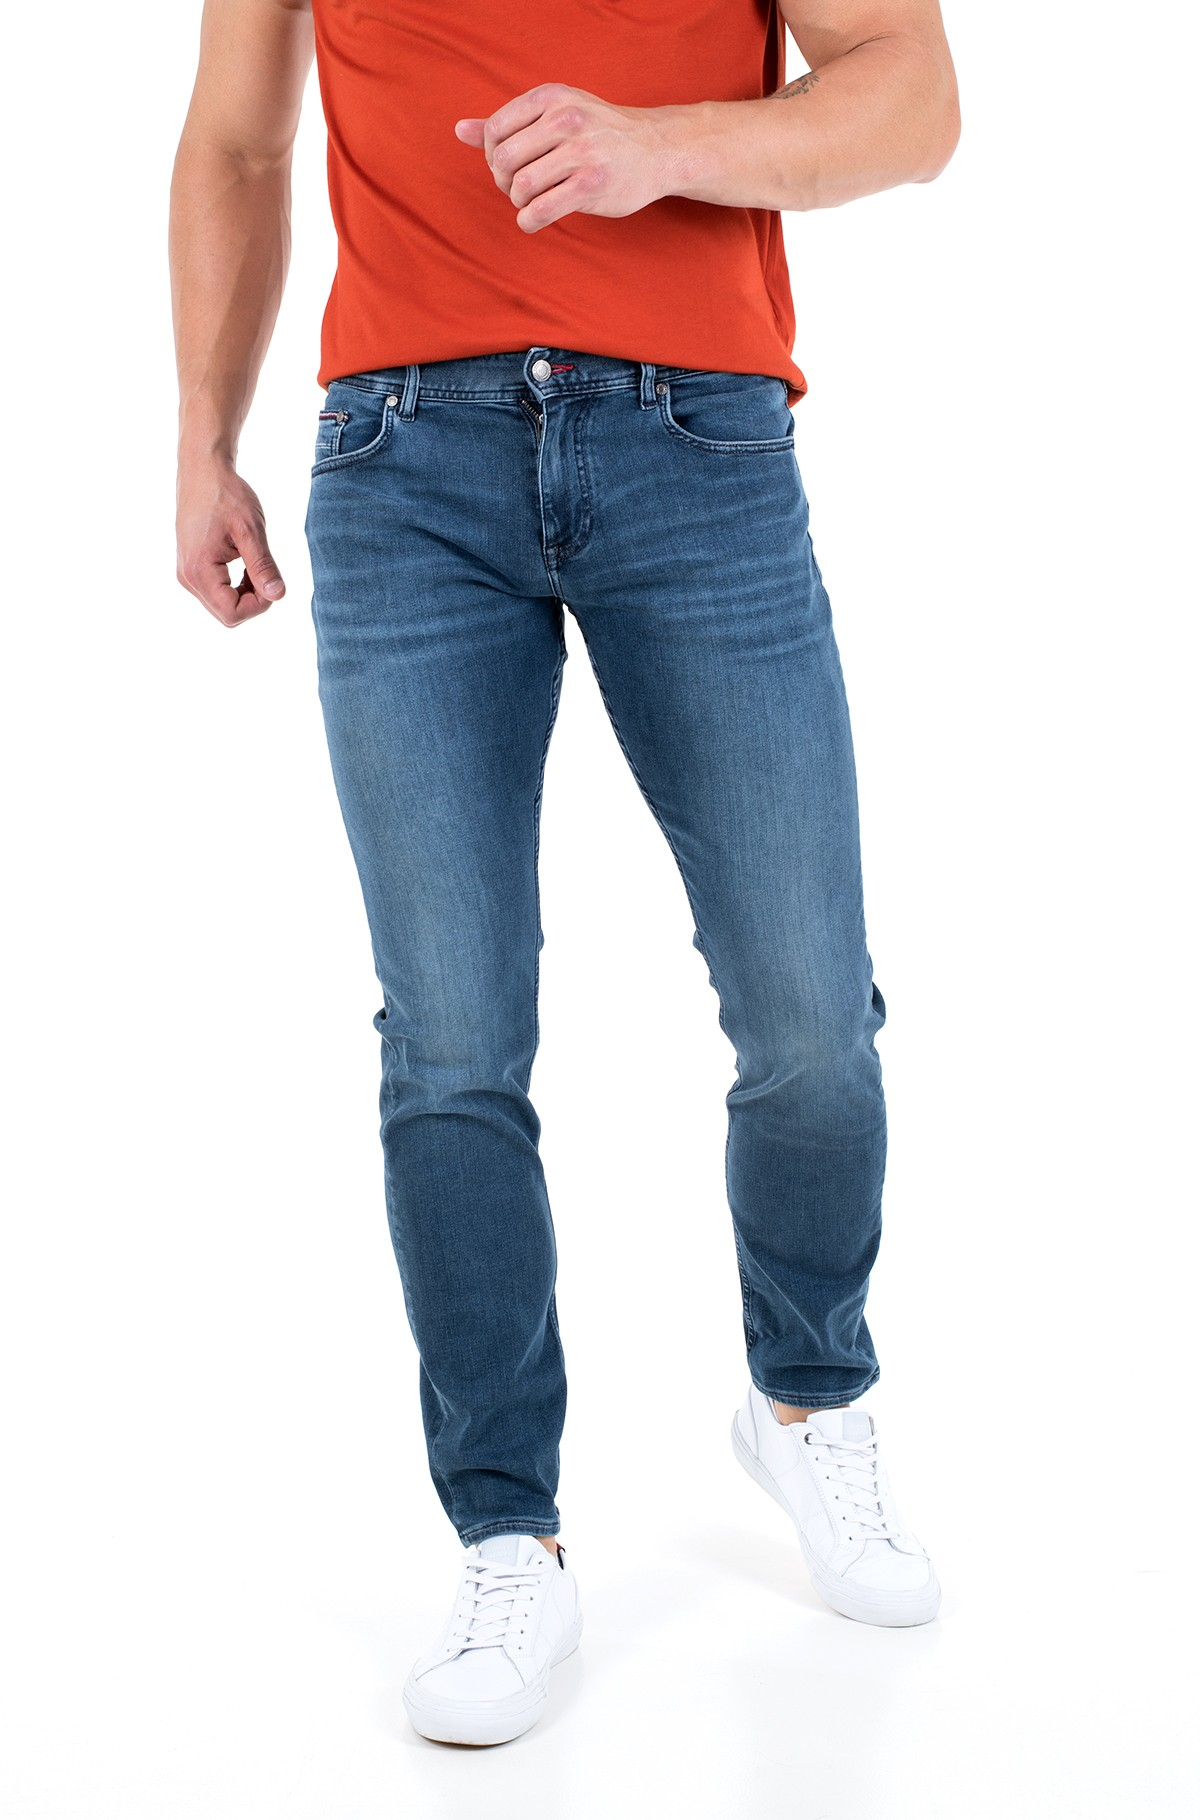 Jeans SLIM BLEECKER HSTR INVER BLUE-full-1